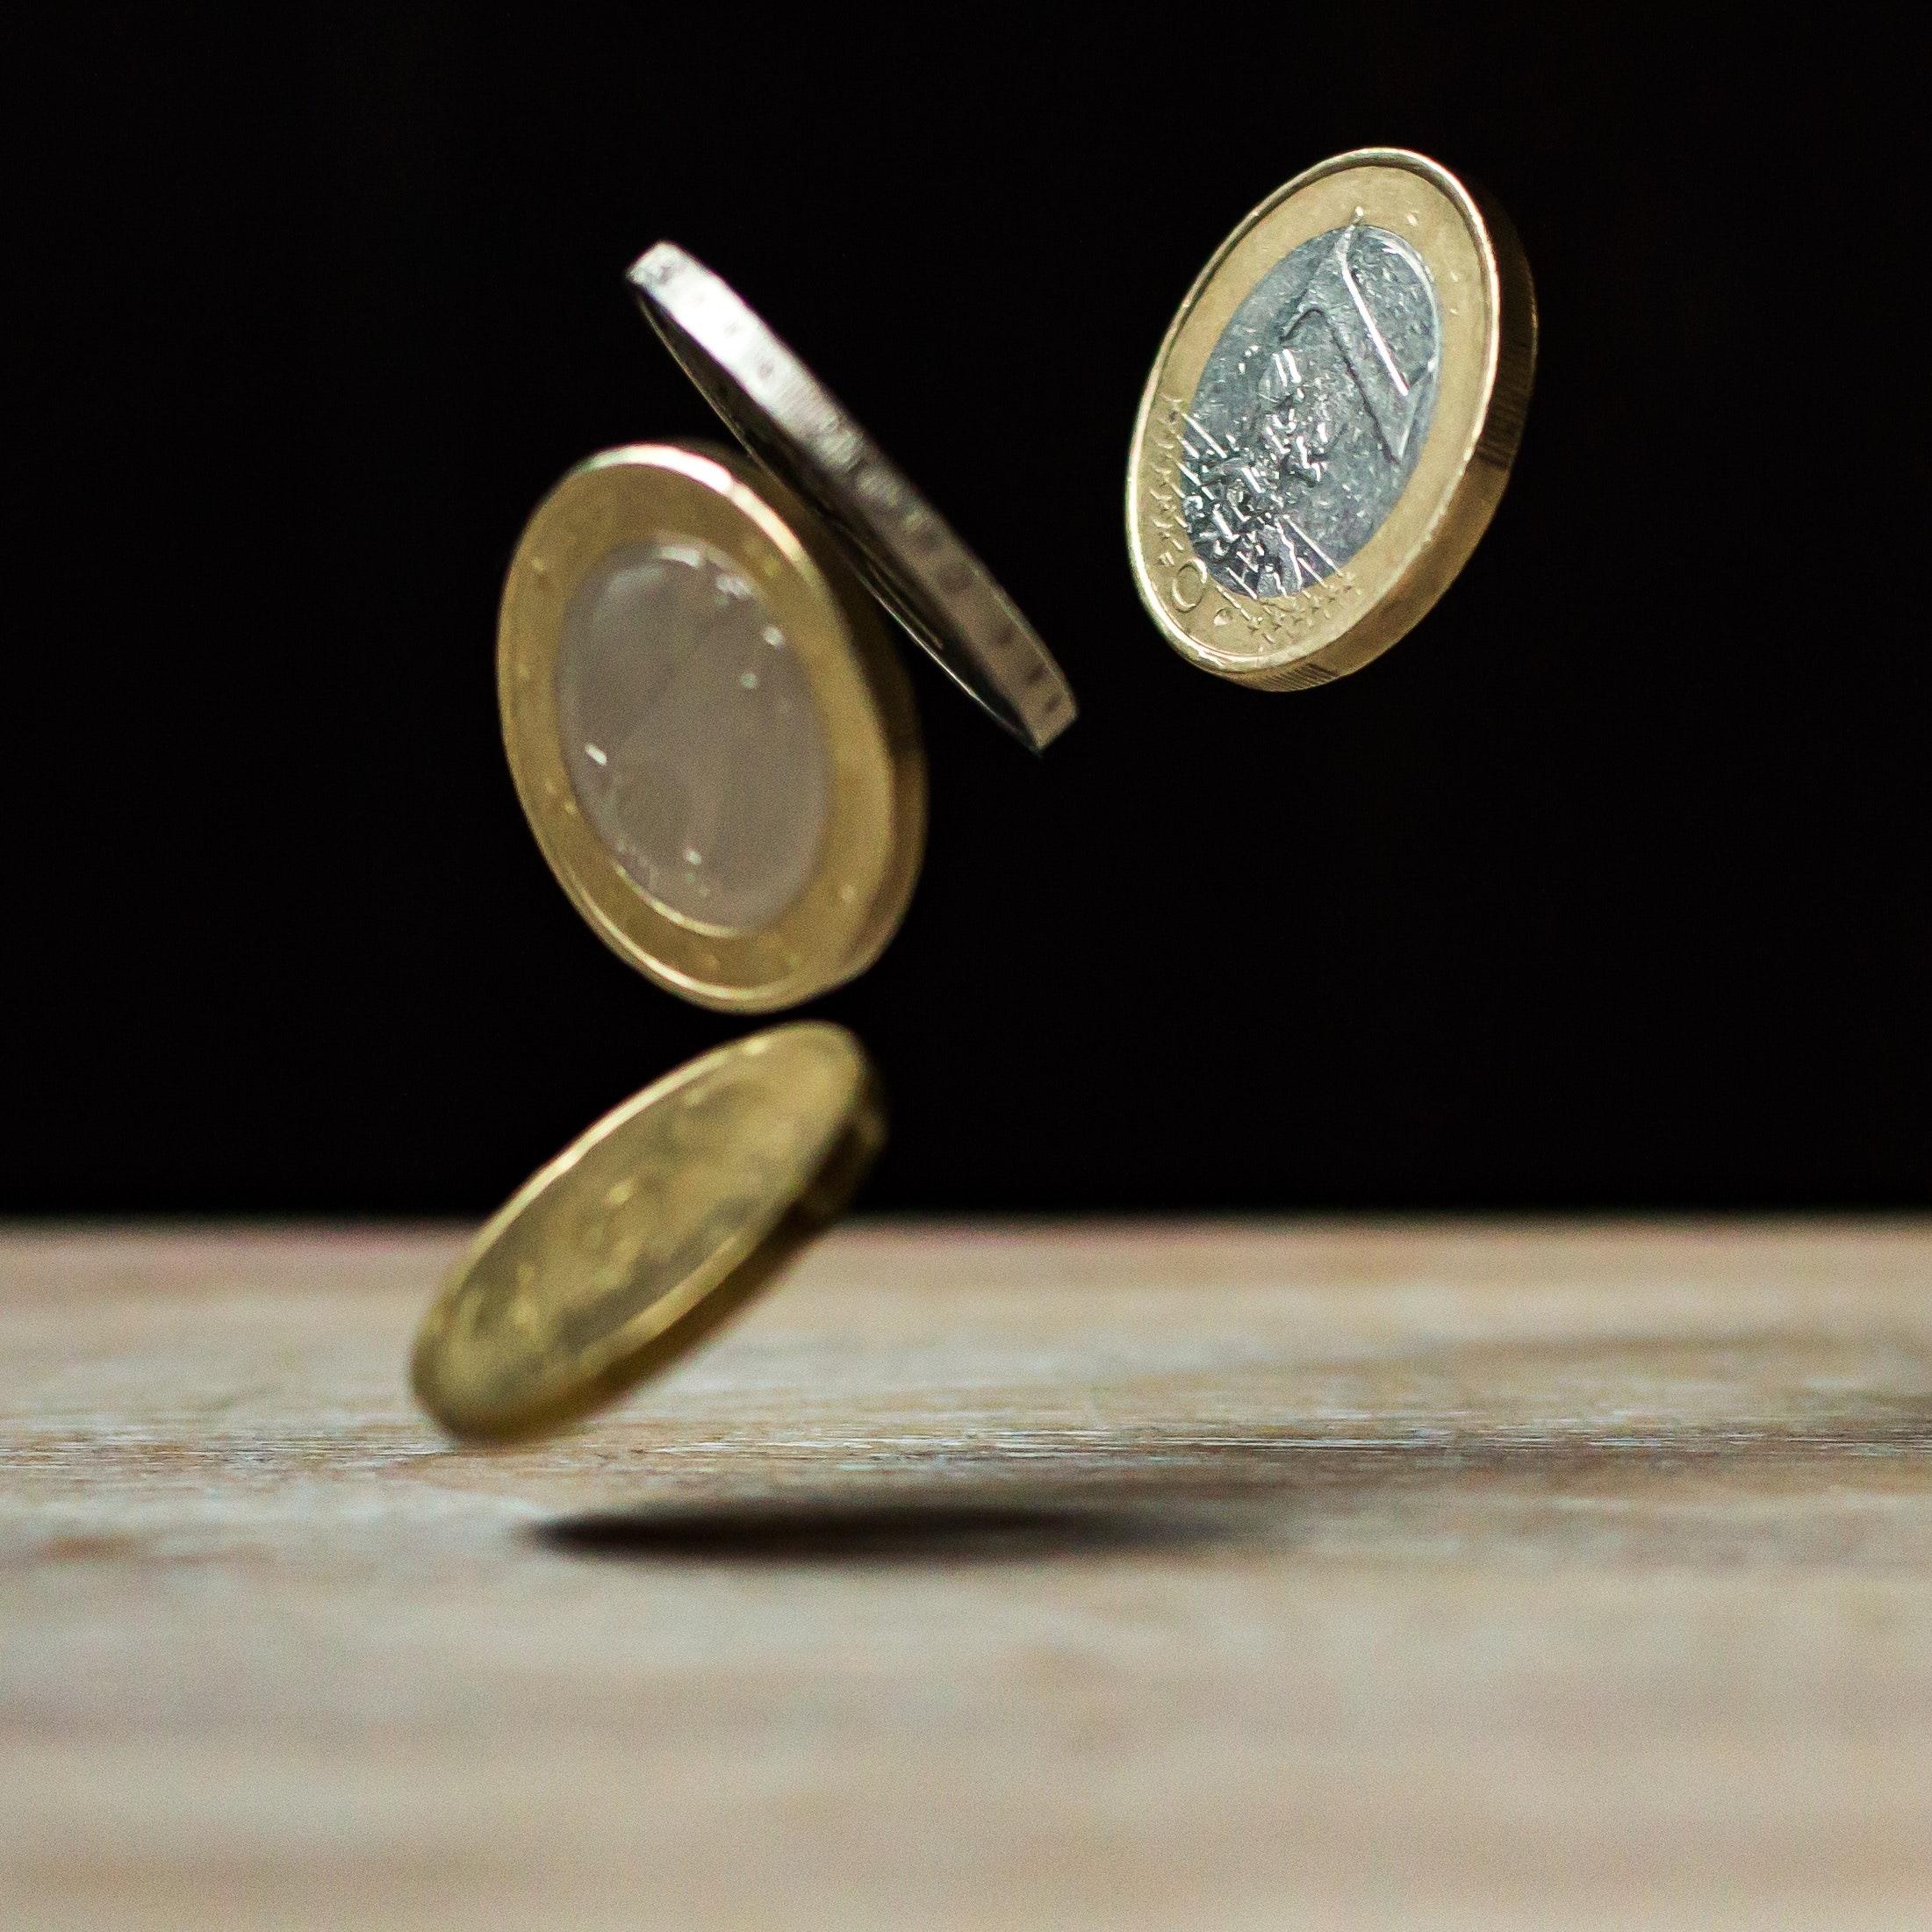 副業で物販を始めたらどれくらいの収入になる?